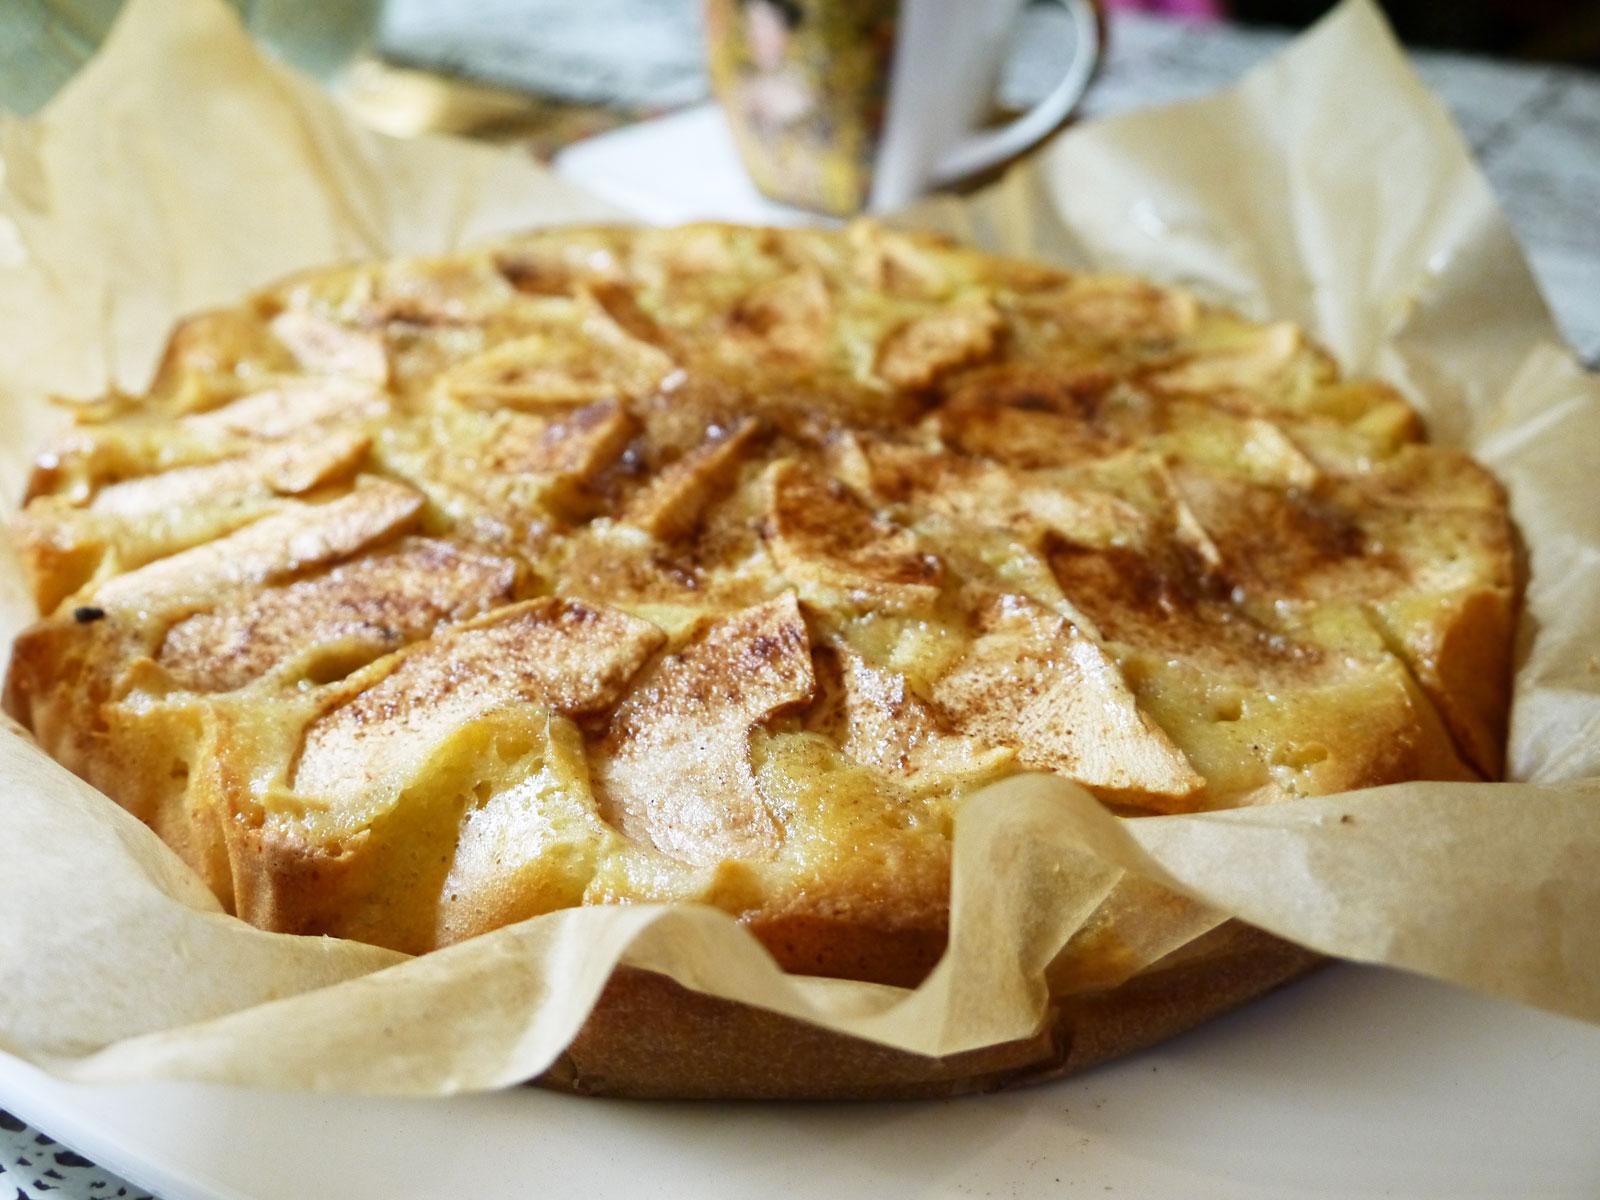 пирог с яблоками рецепт лучше чем шарлотка